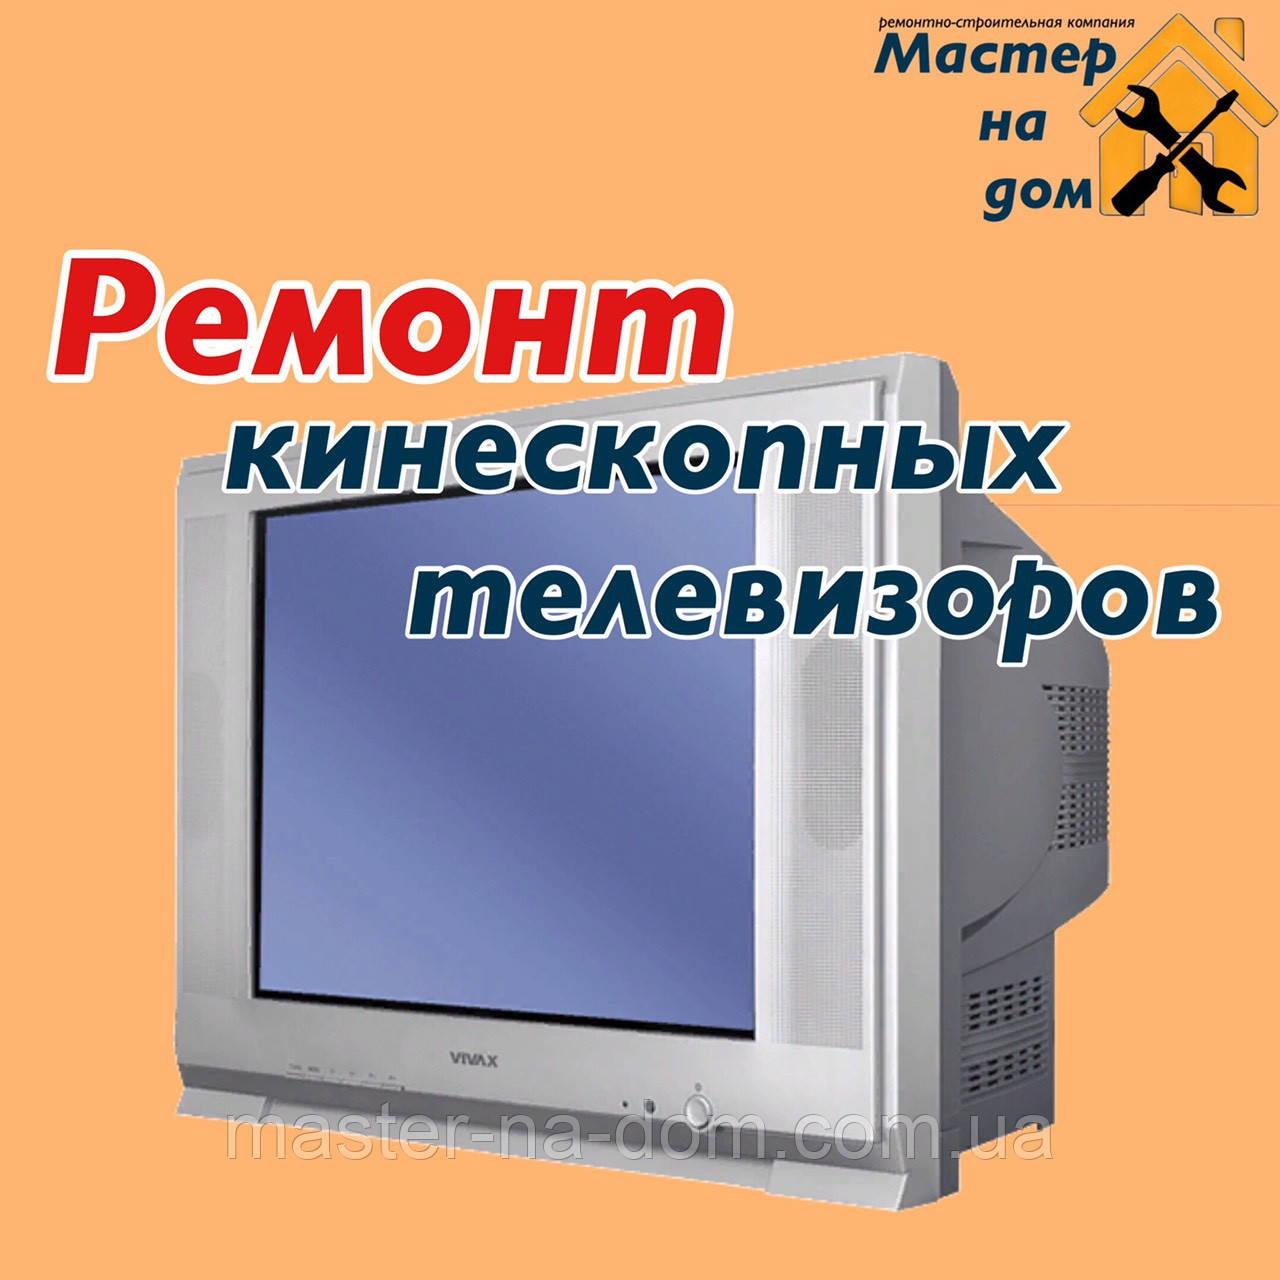 Ремонт кинескопных телевизоров на дому в Чернигове